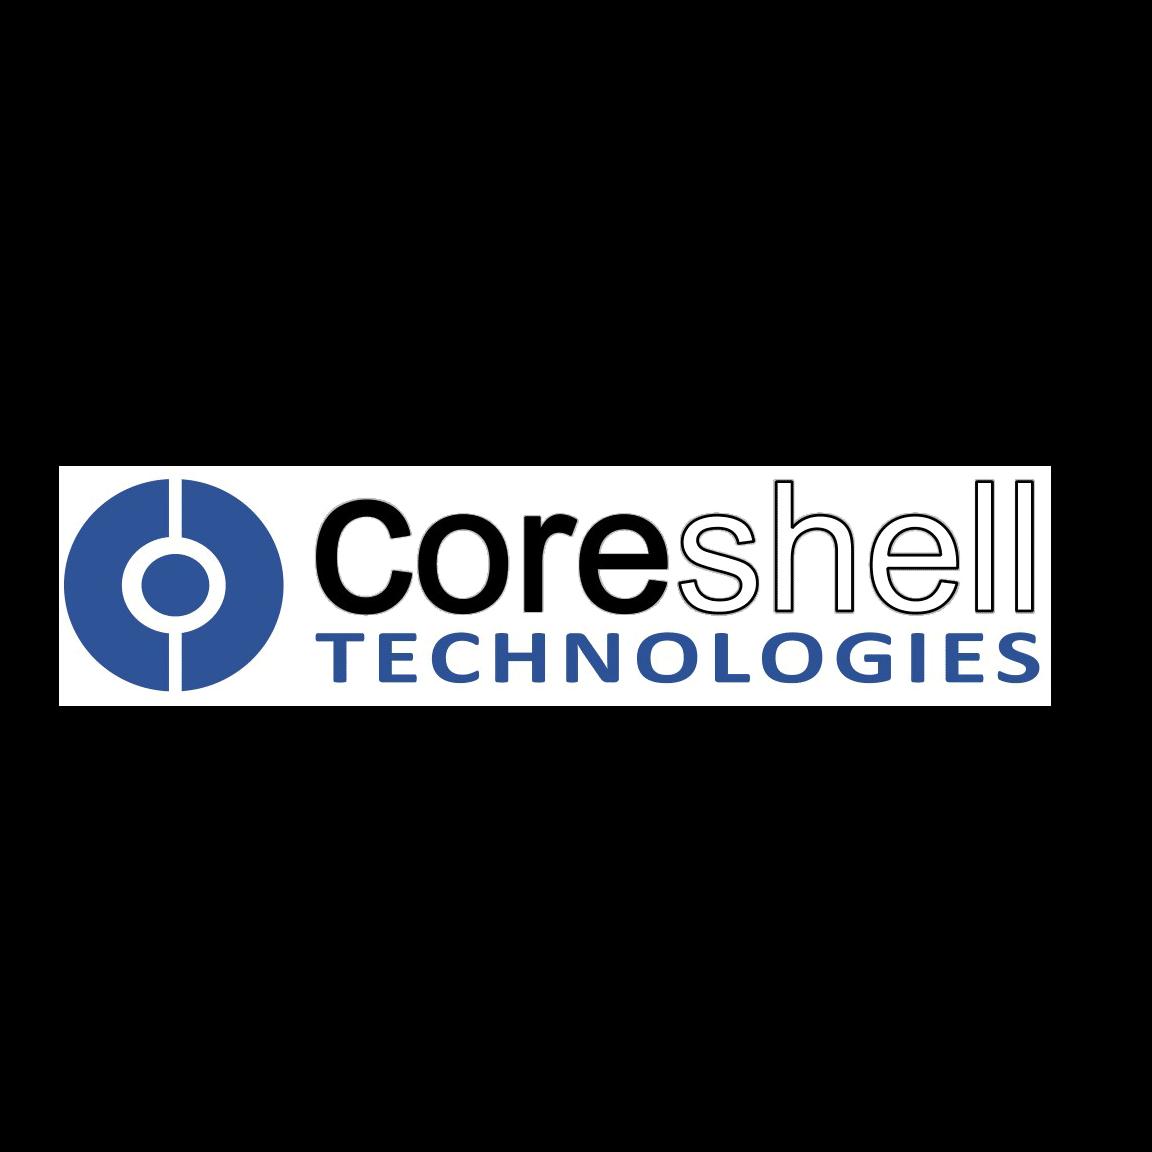 Coreshell